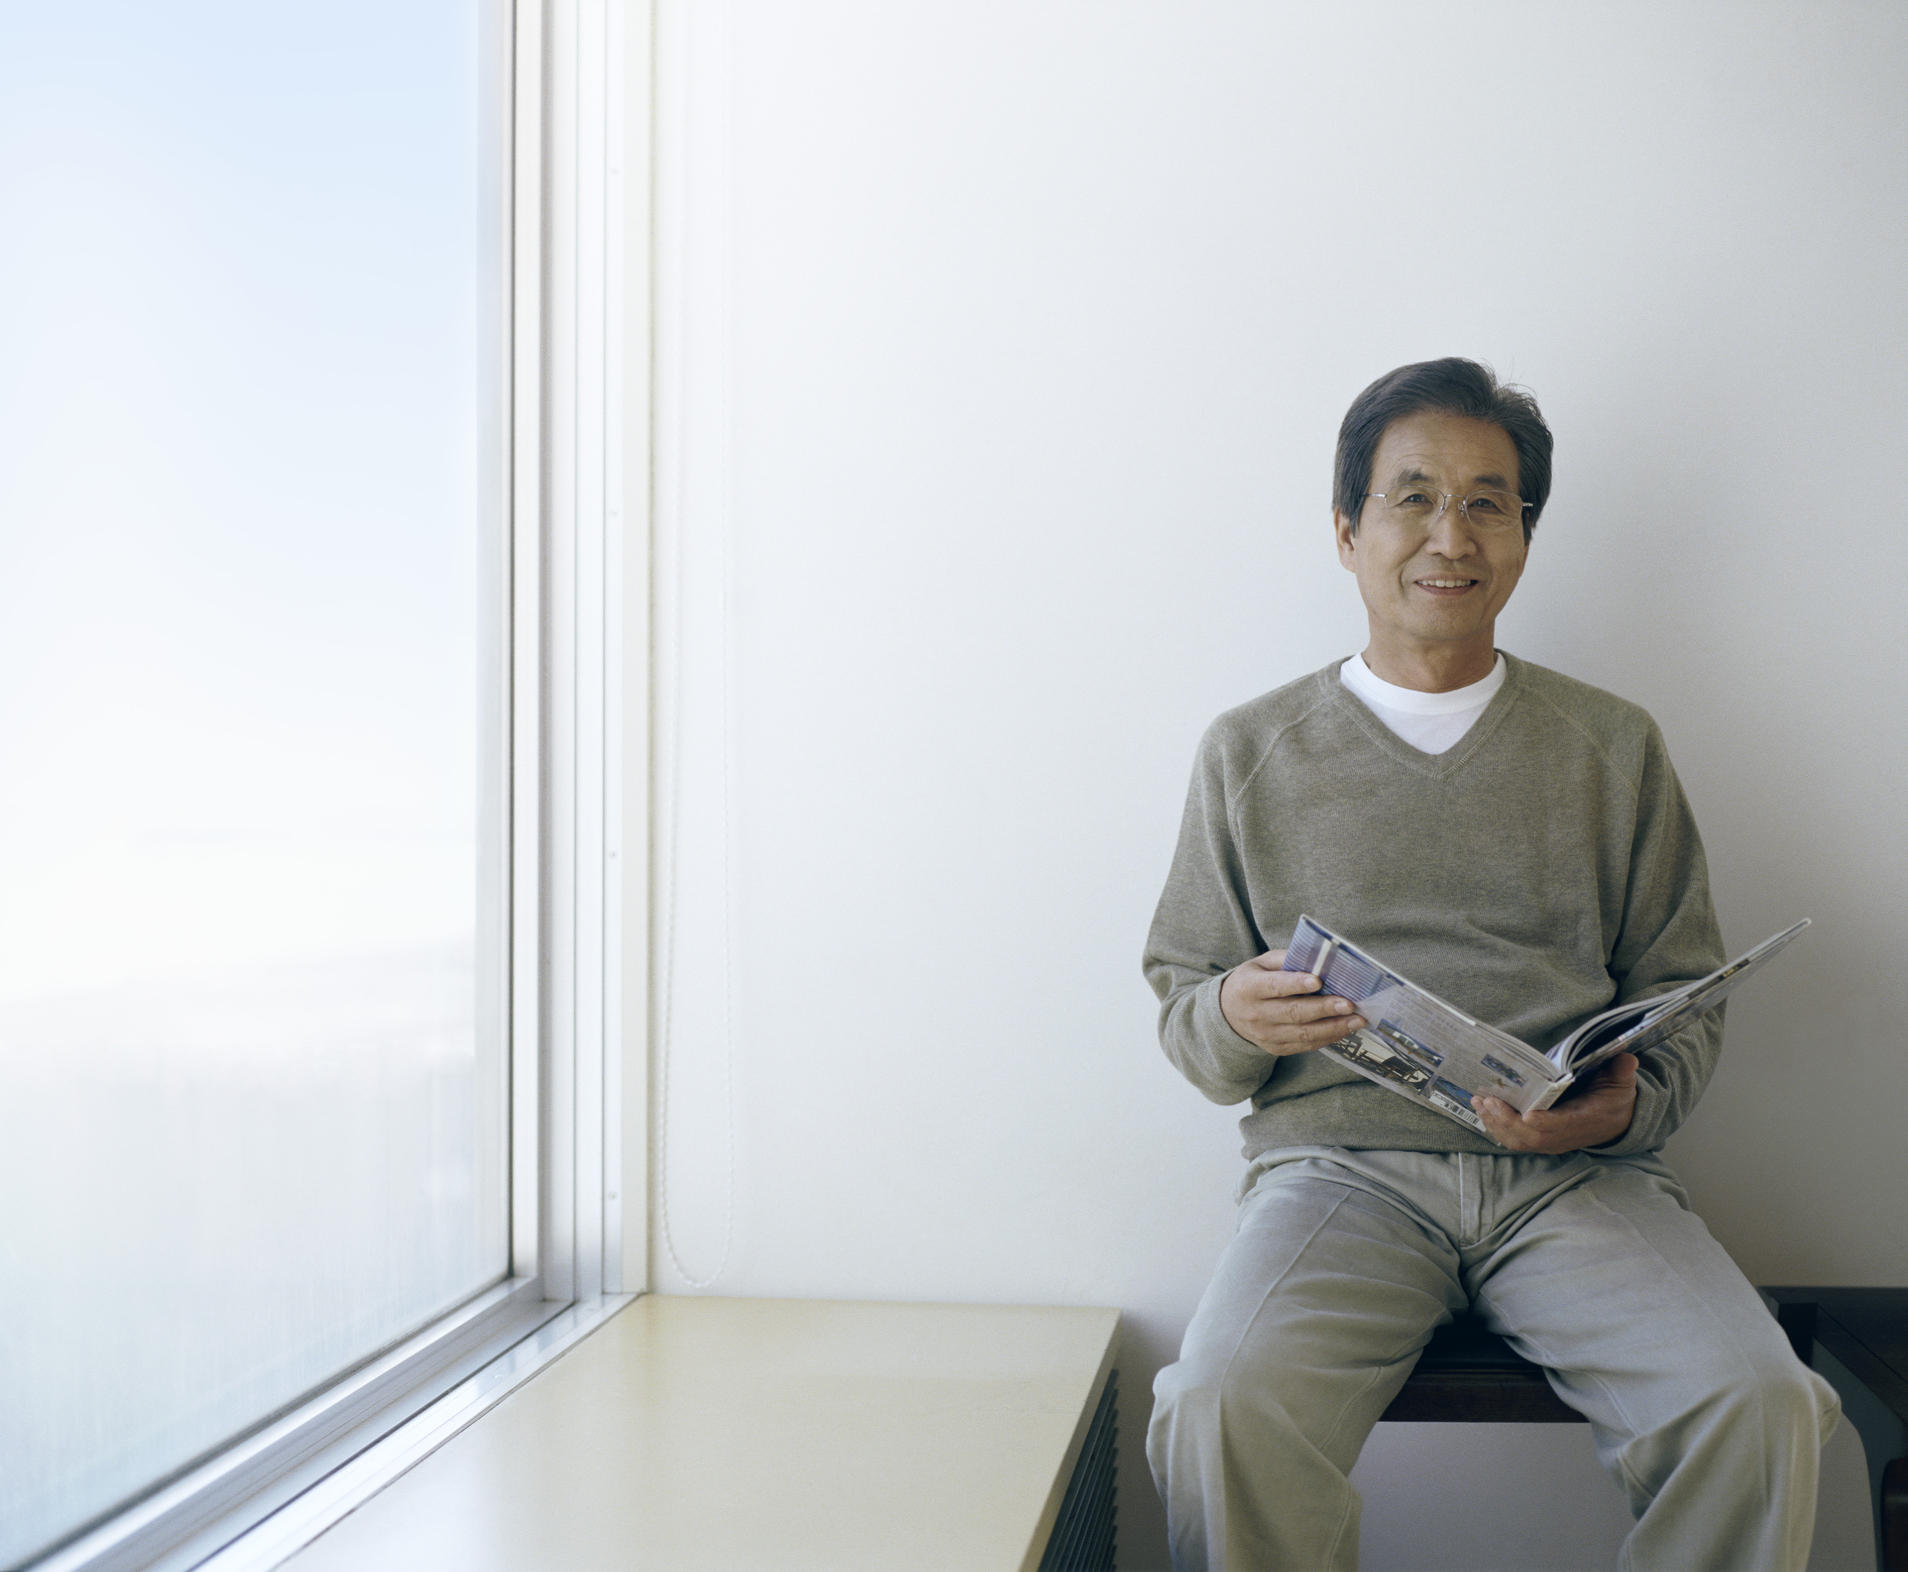 【福岡県大牟田市】年収非重視!現場第一の60代病院薬剤師の転職